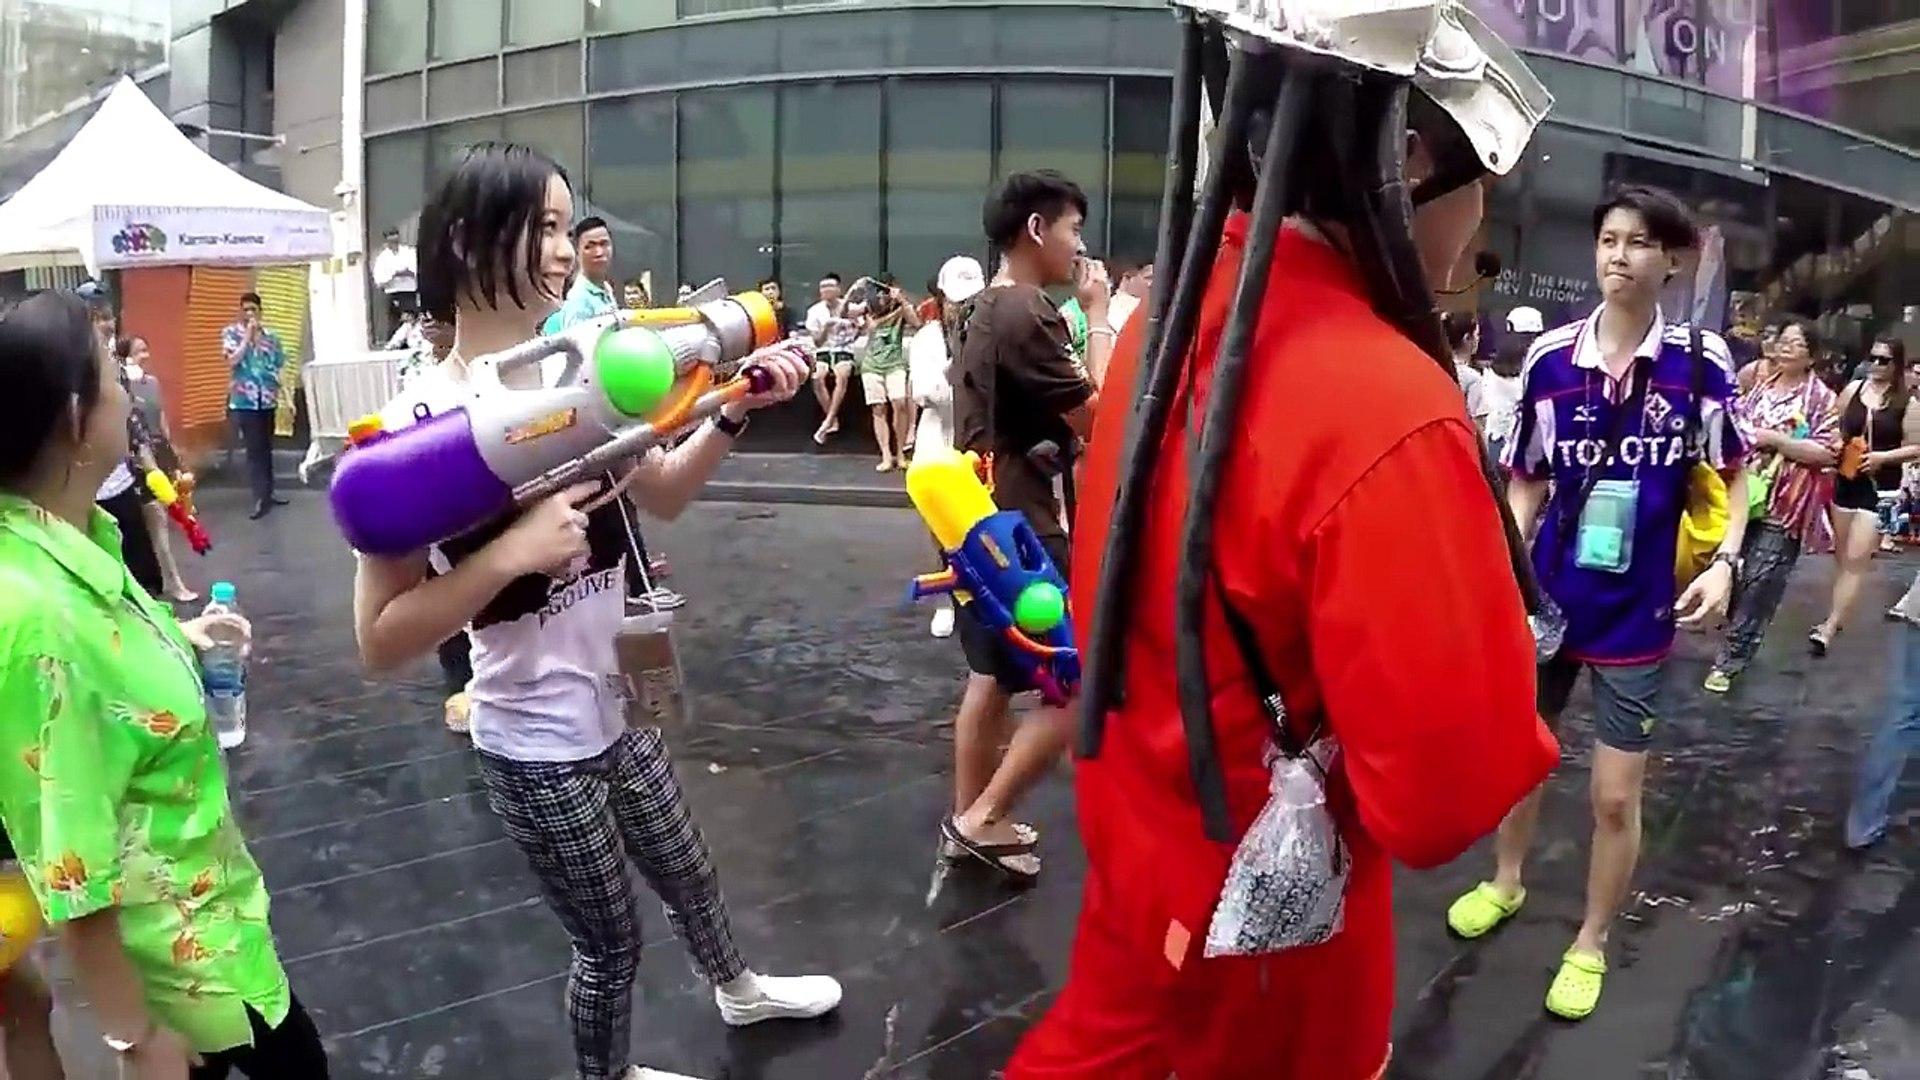 Bigo Thailand  Live at Songkran Festival Part 2